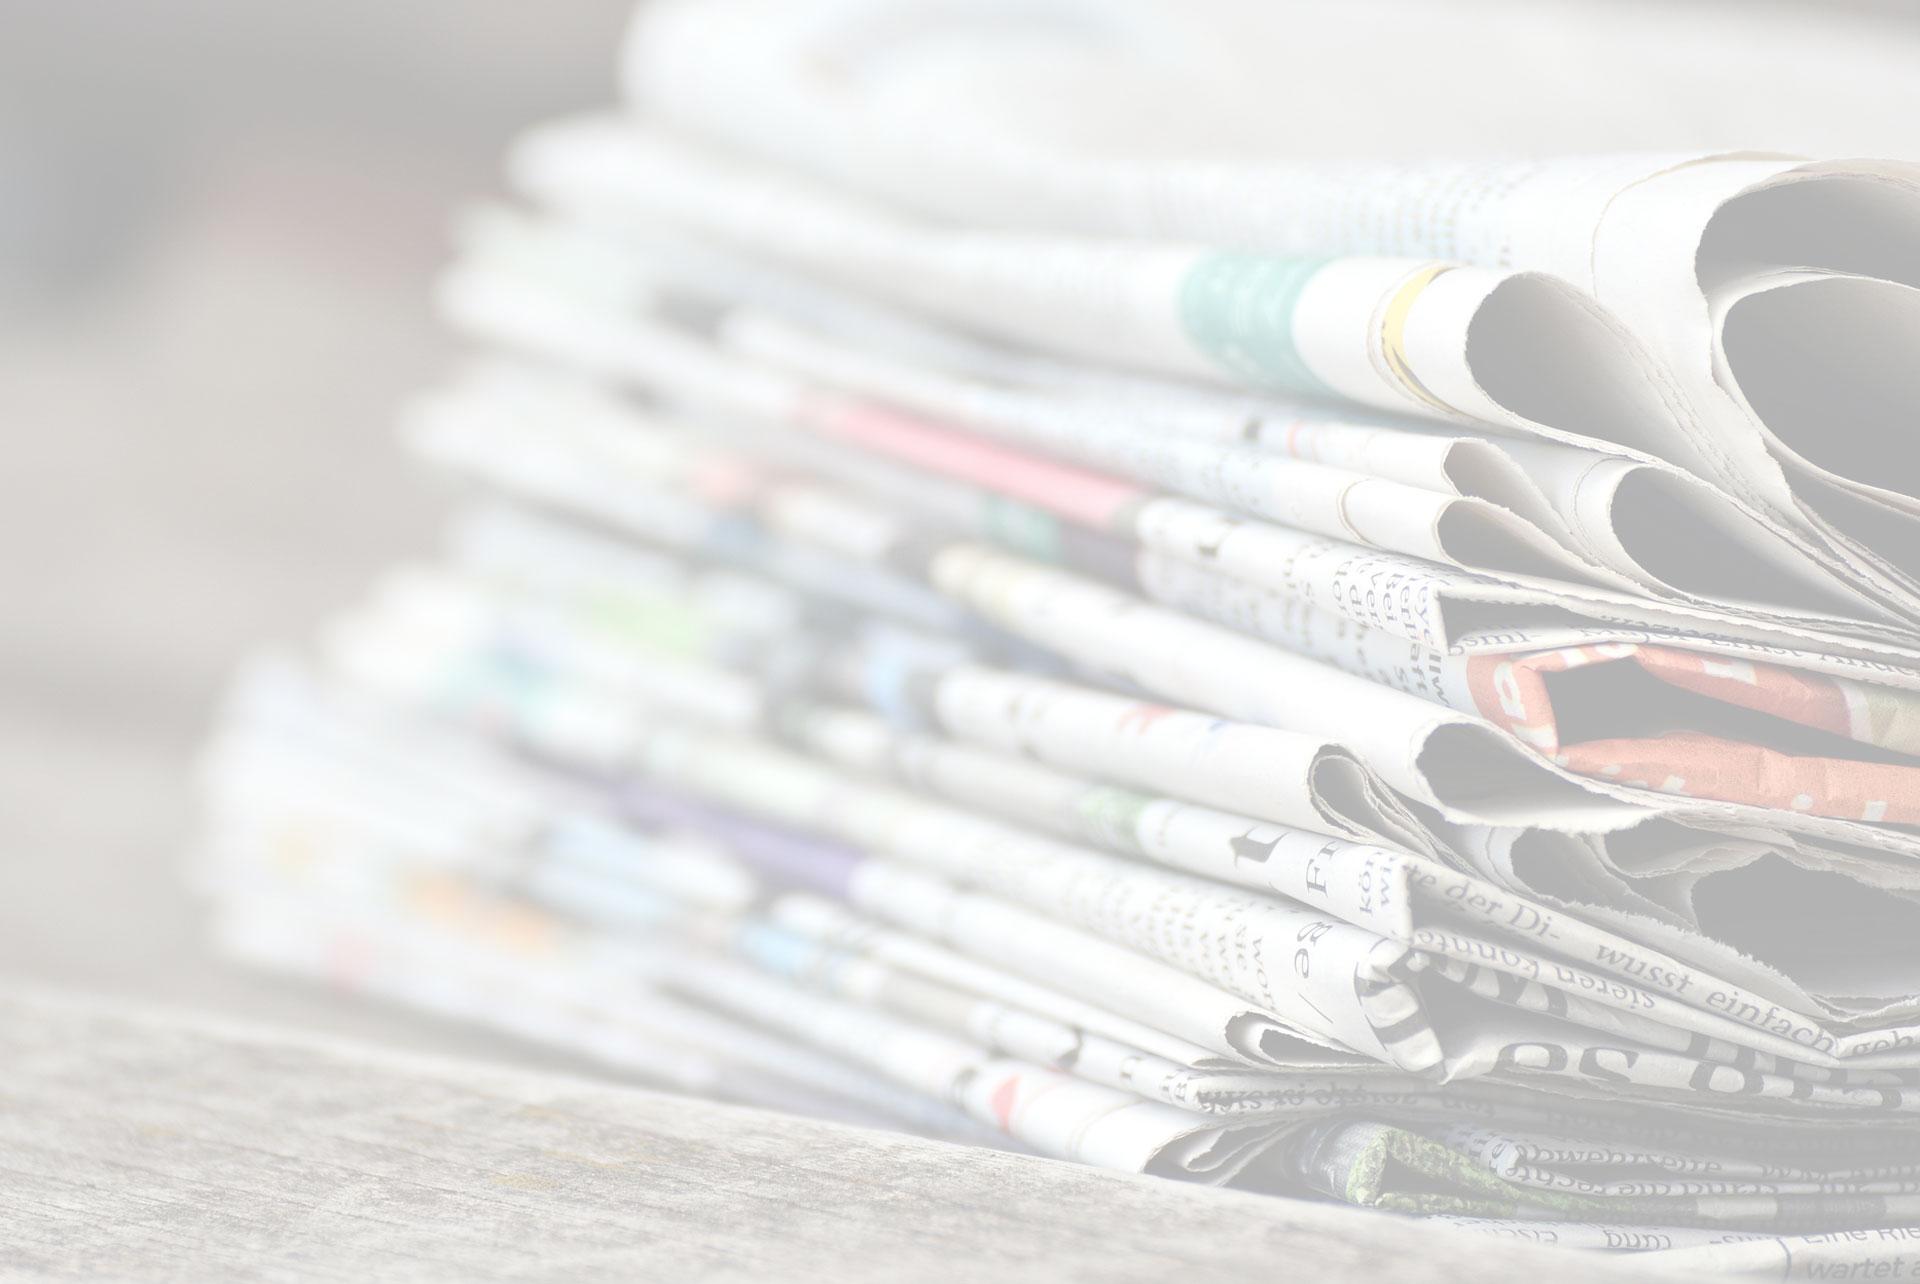 controllare la pressione dei pneumatici